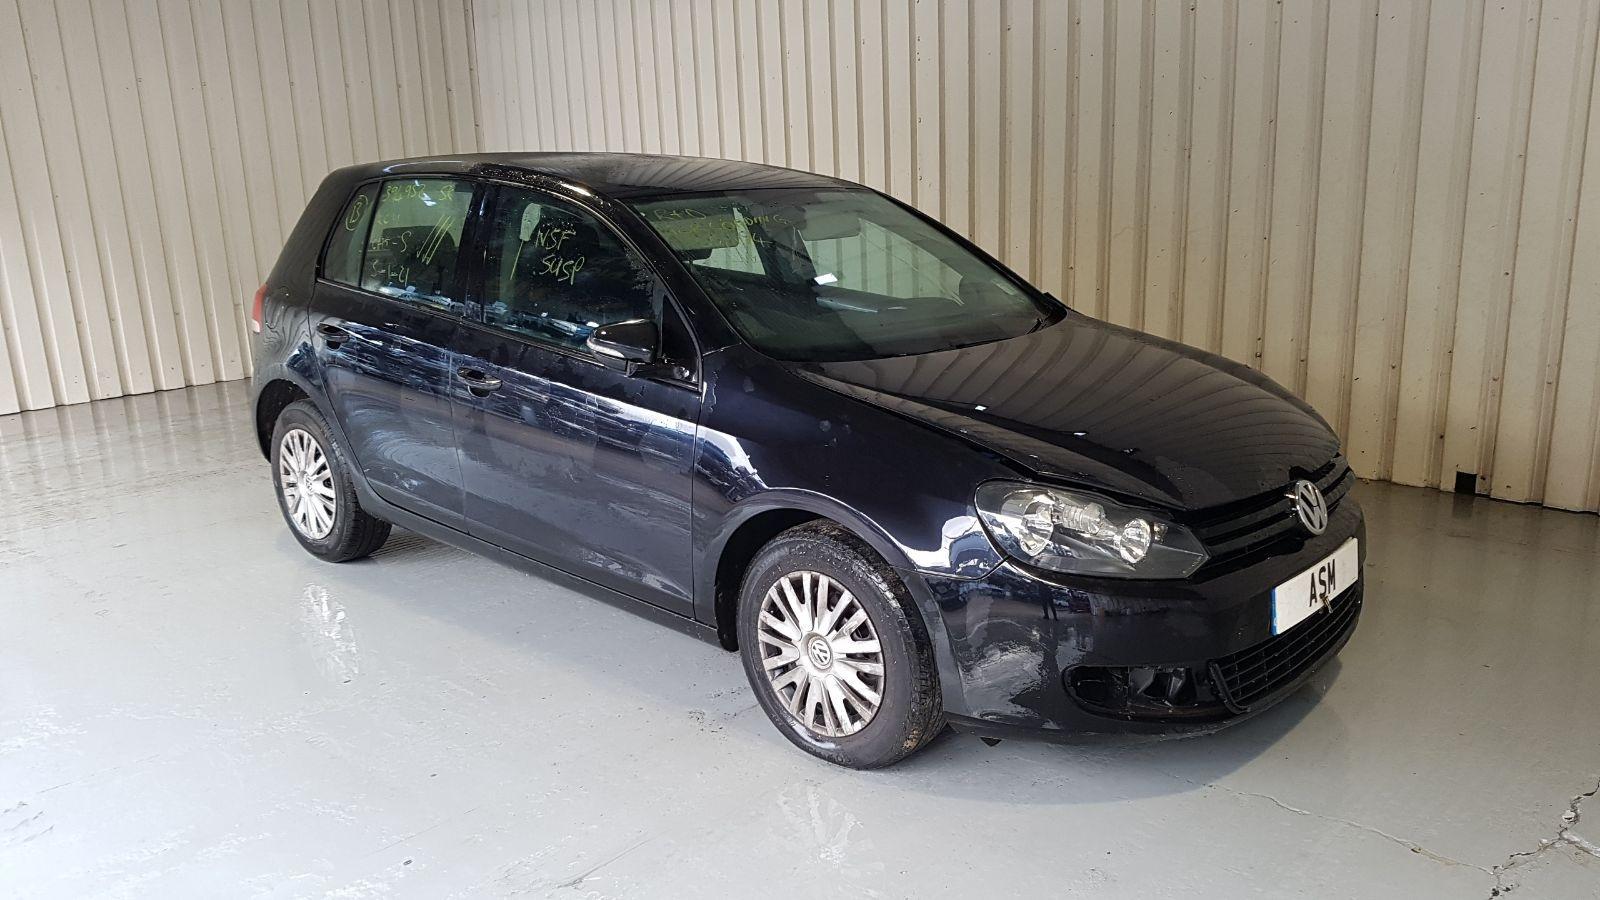 Image for a Volkswagen Golf 2009 5 Door Hatchback